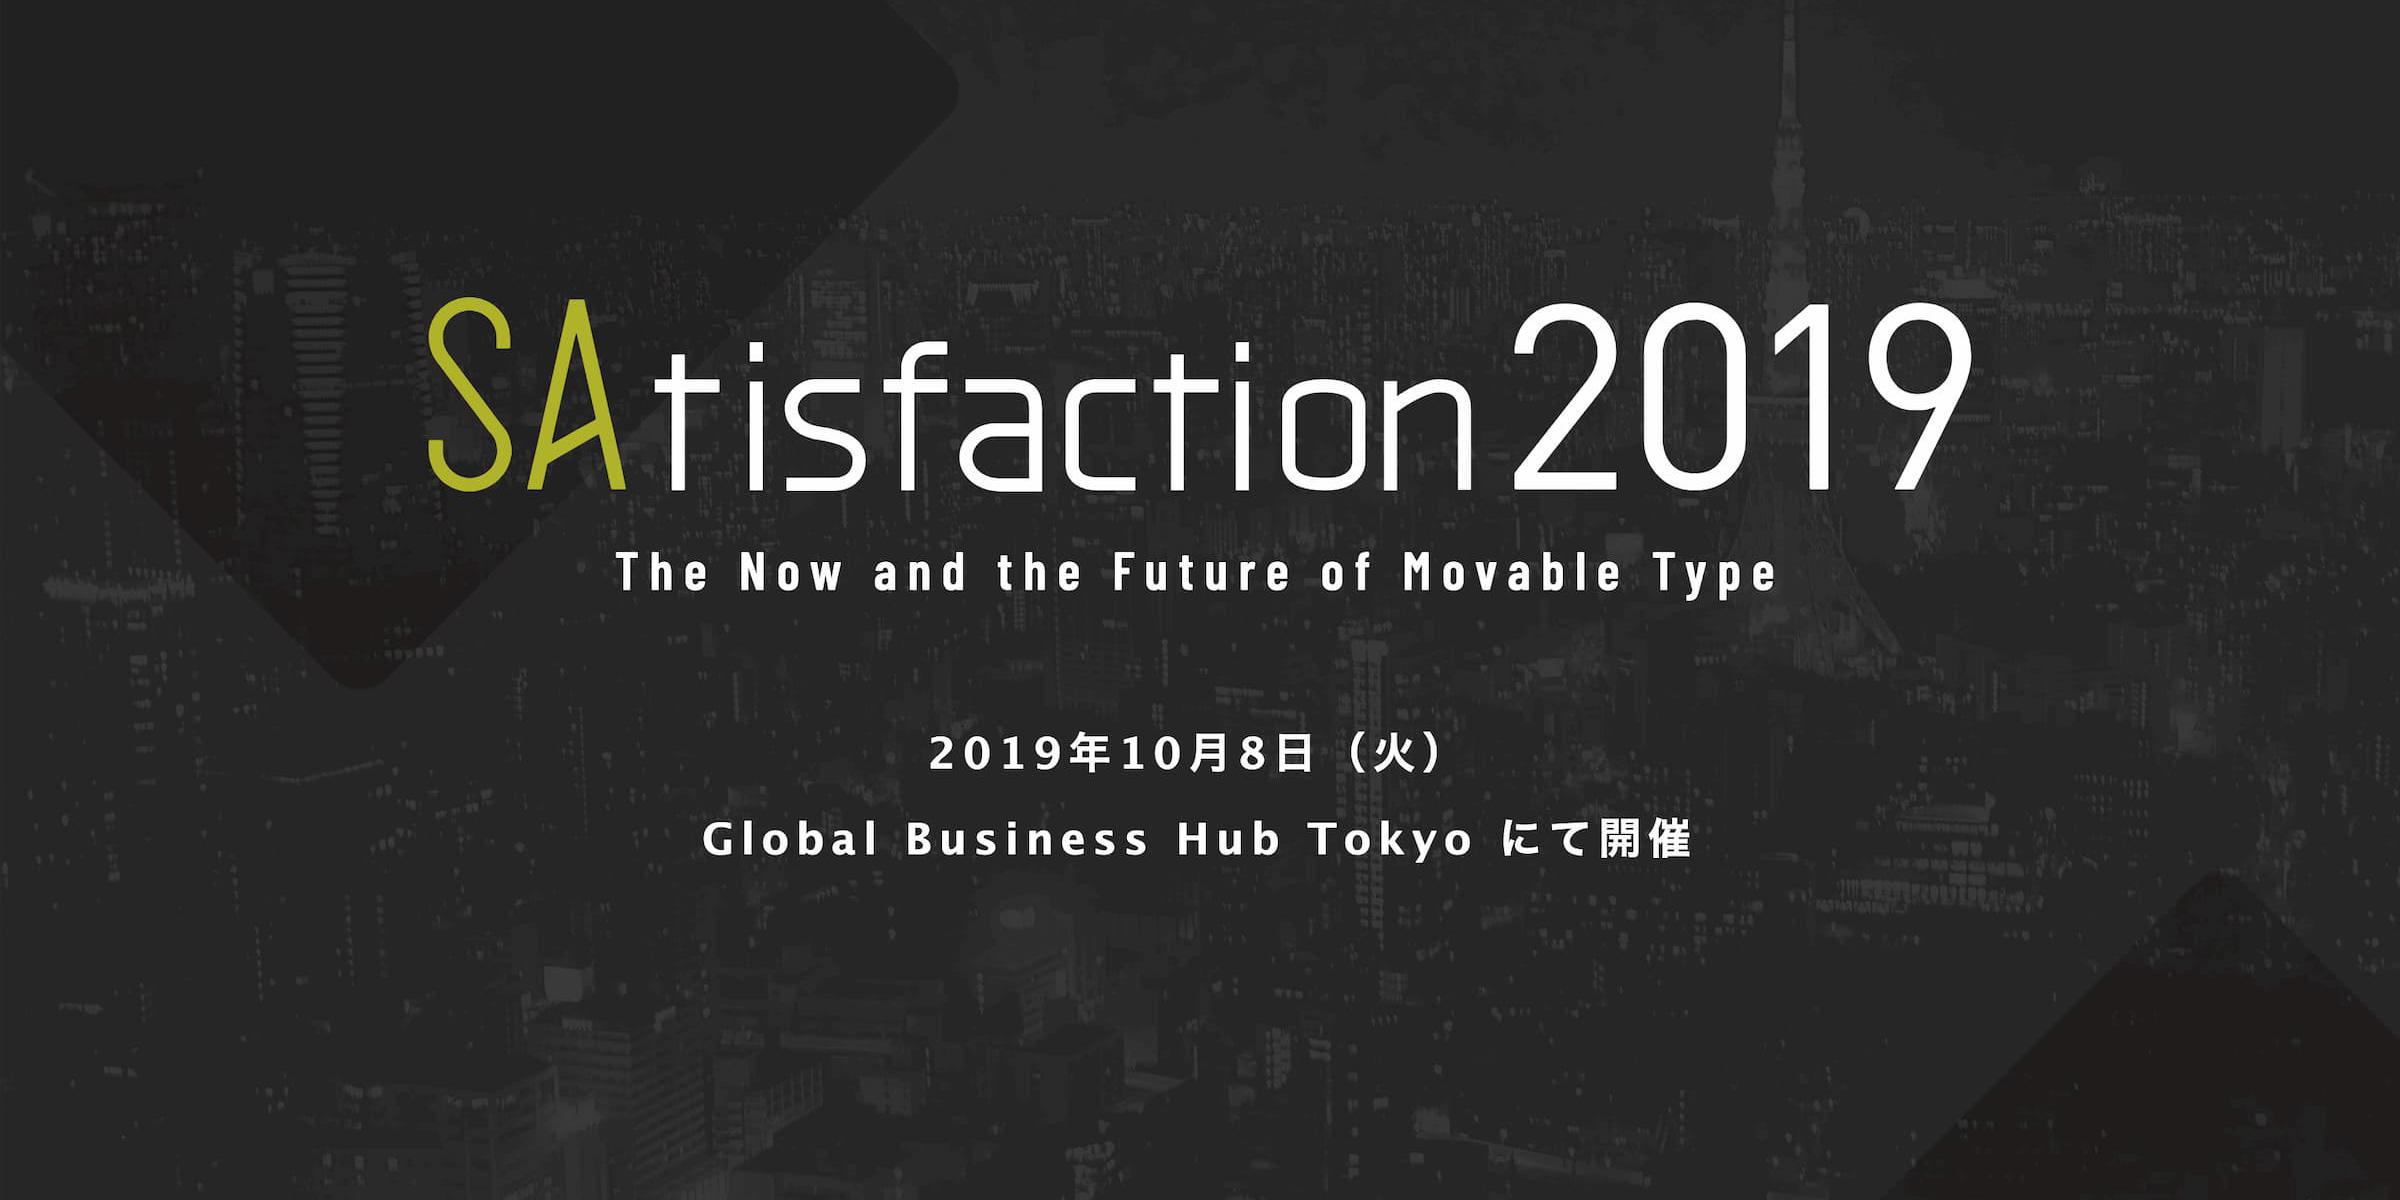 satisfaction2019_banner.jpg